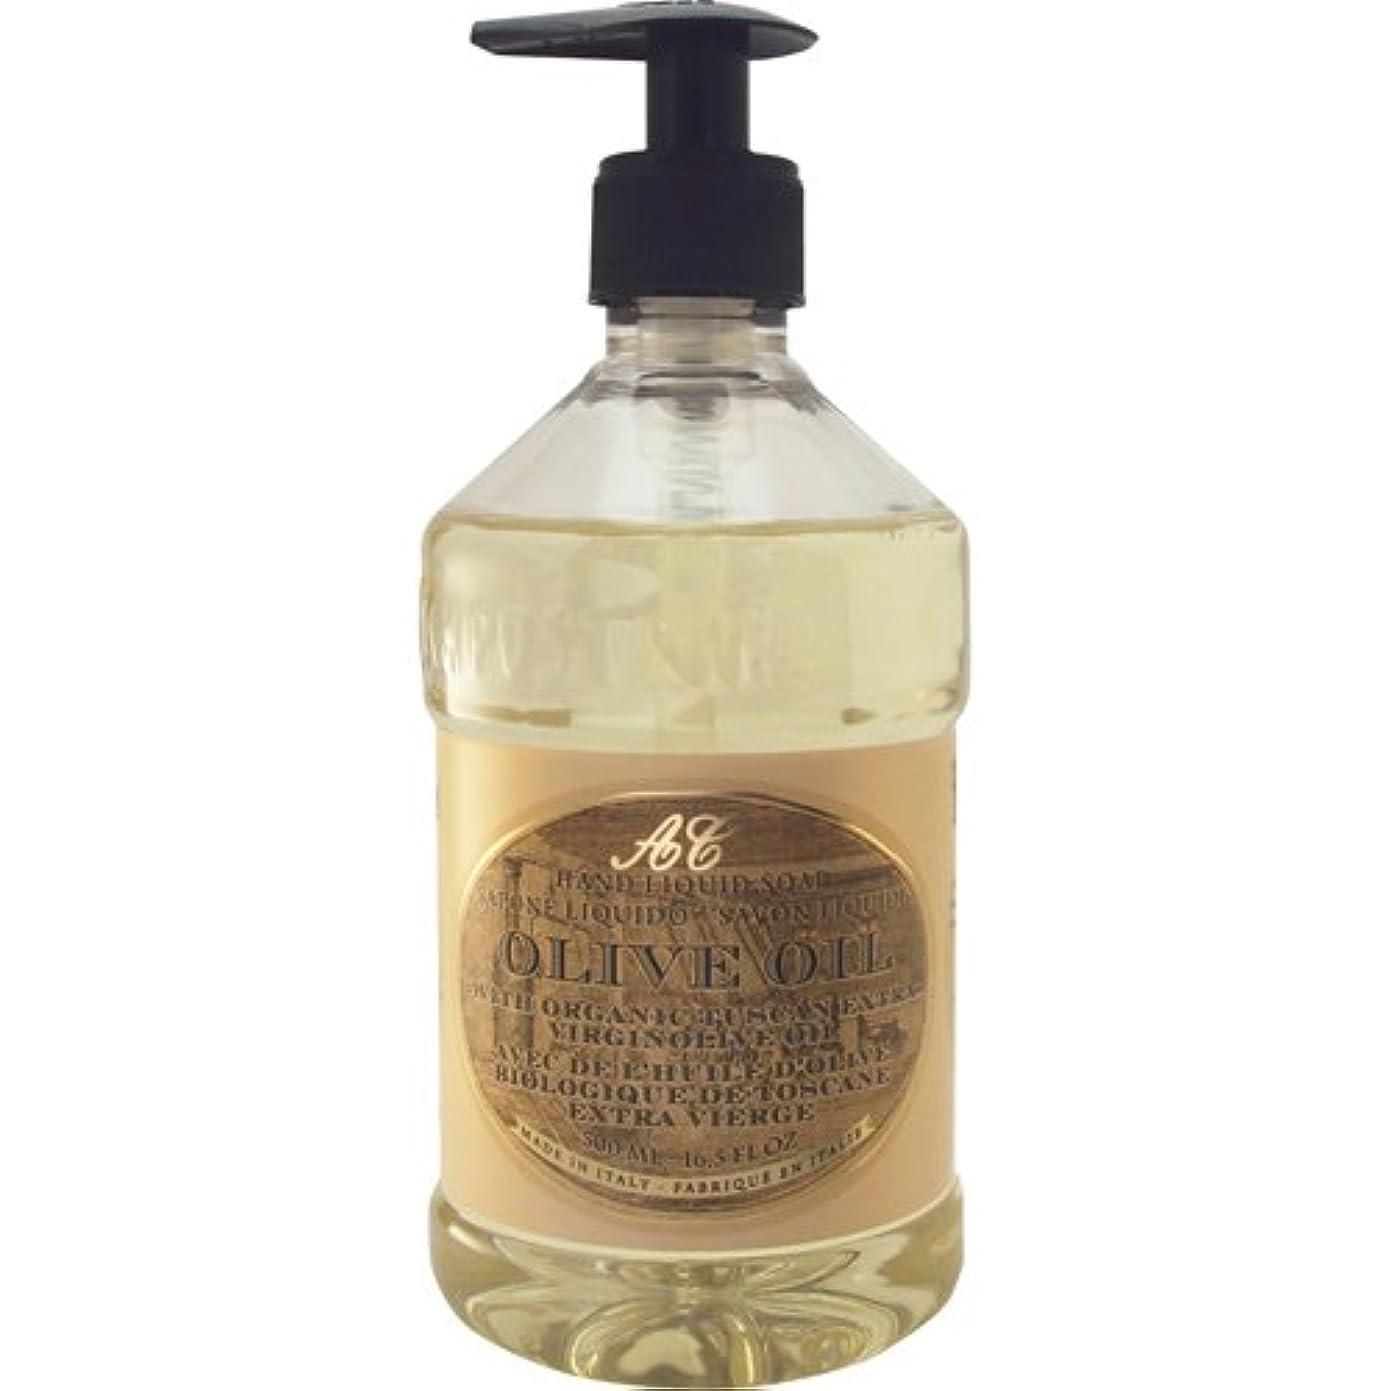 戦艦学士飾るSaponerire Fissi レトロシリーズ Liquid Soap リキッドソープ 500ml Olive Oil オリーブオイル